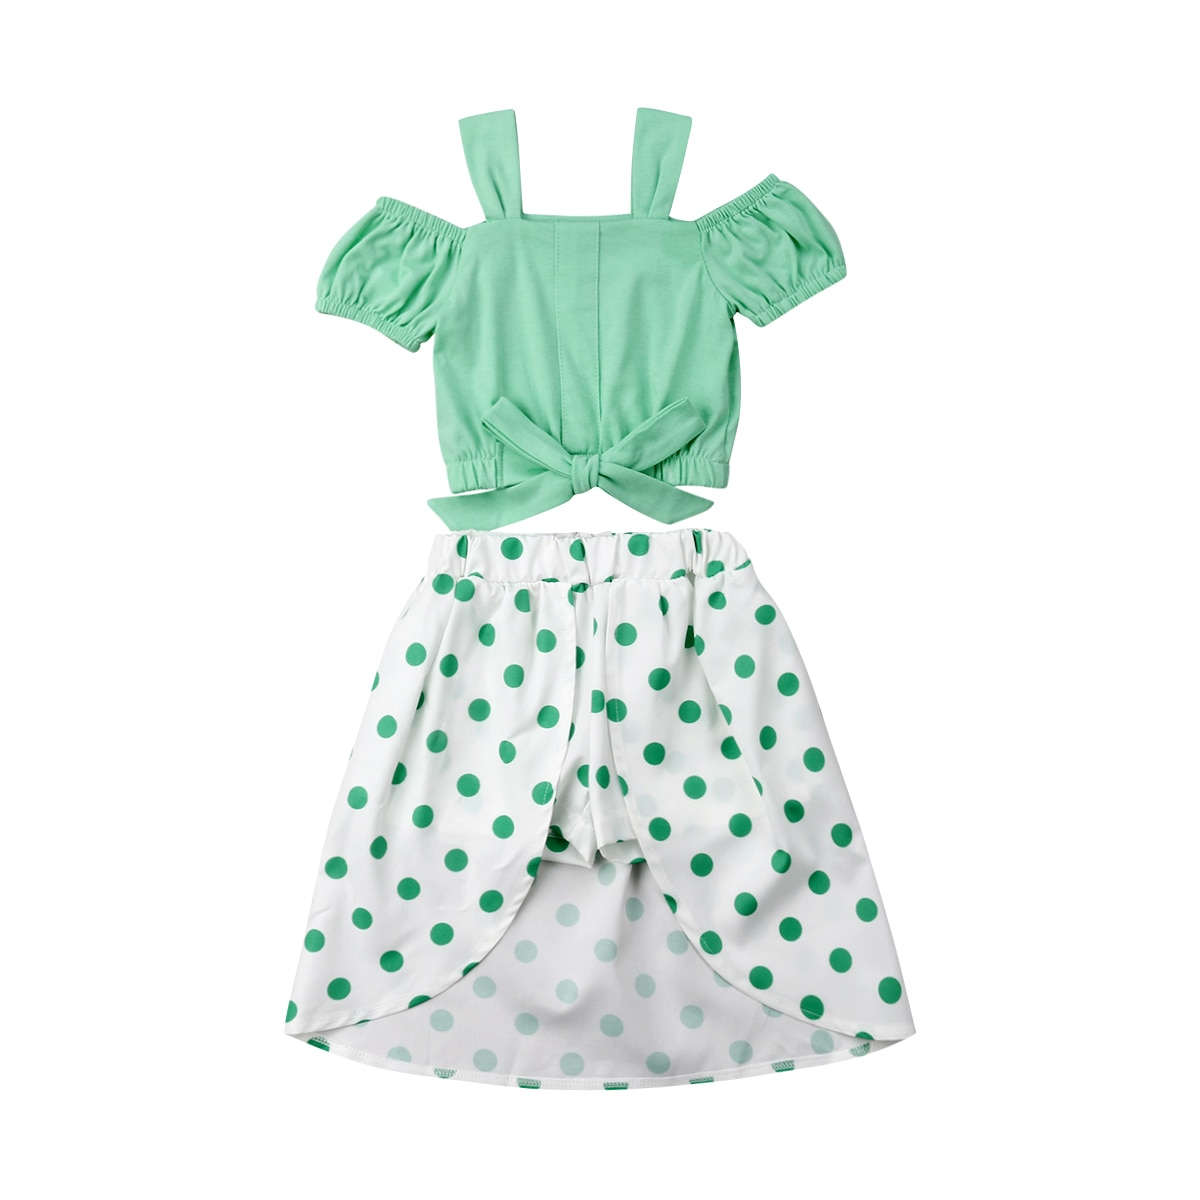 Sólido hombro frío camisa de encaje Top, Pantalones cortos de lunares y falda conjunto para niño niña ropa de verano